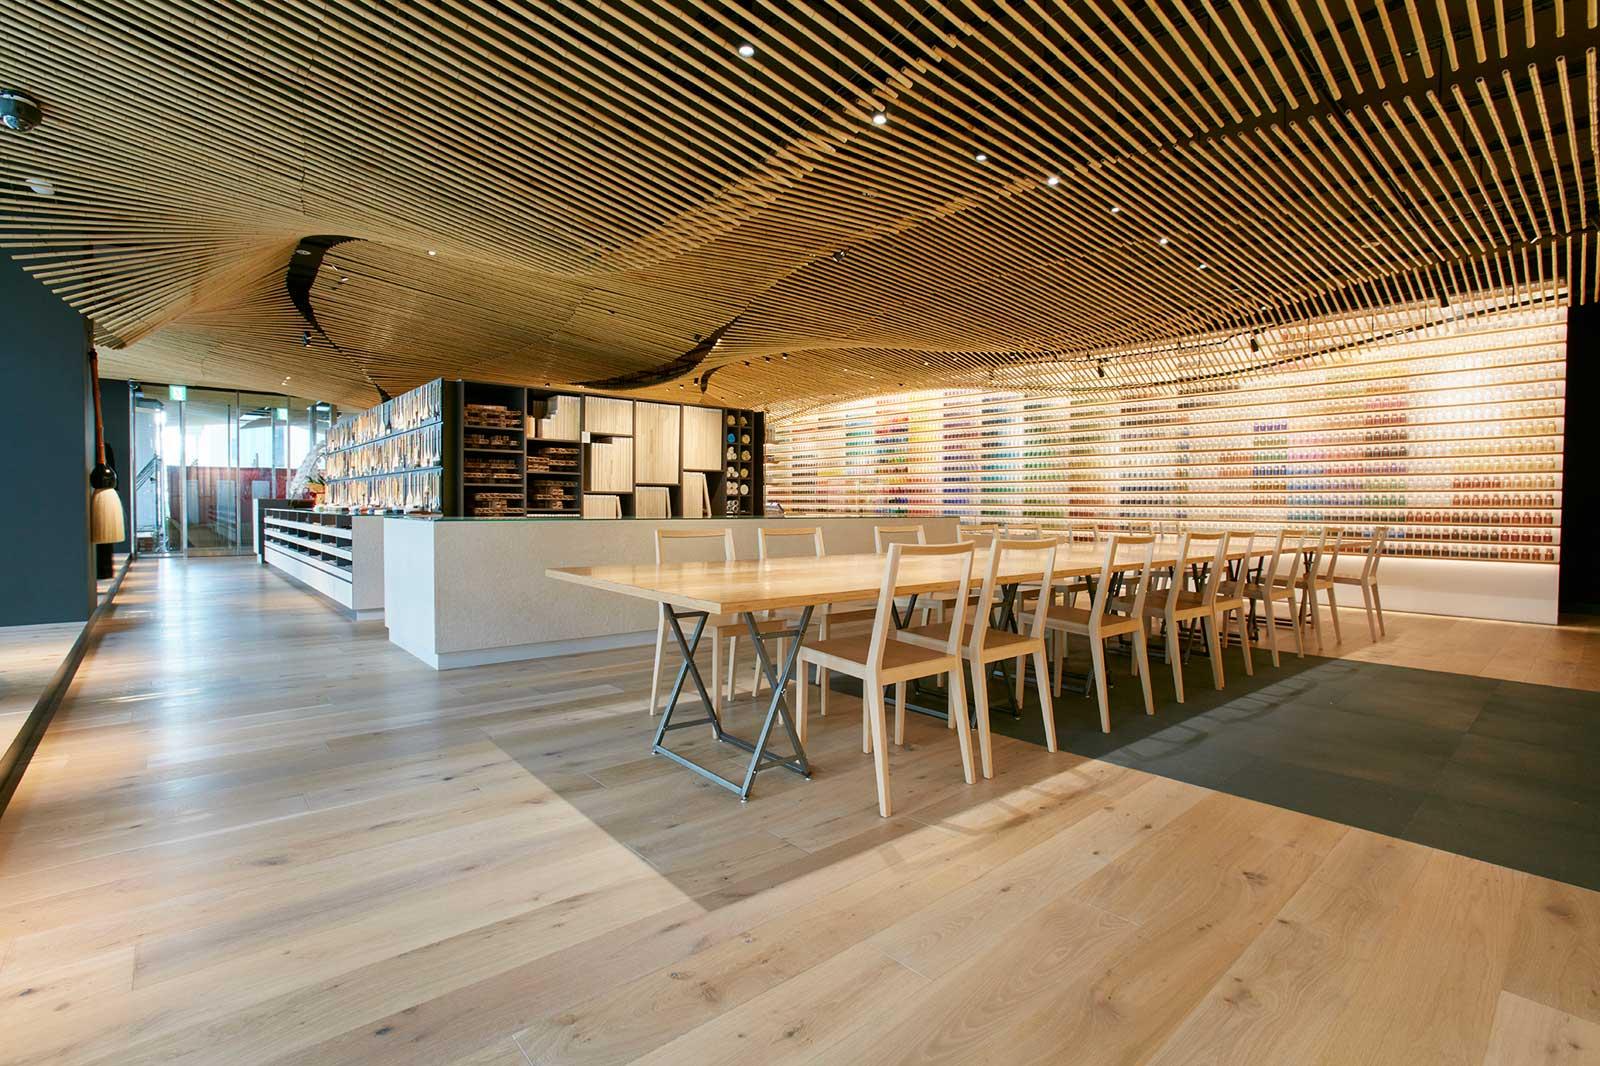 竹の簾(すだれ)をイメージした天井が印象的(写真提供/PIGMENT)